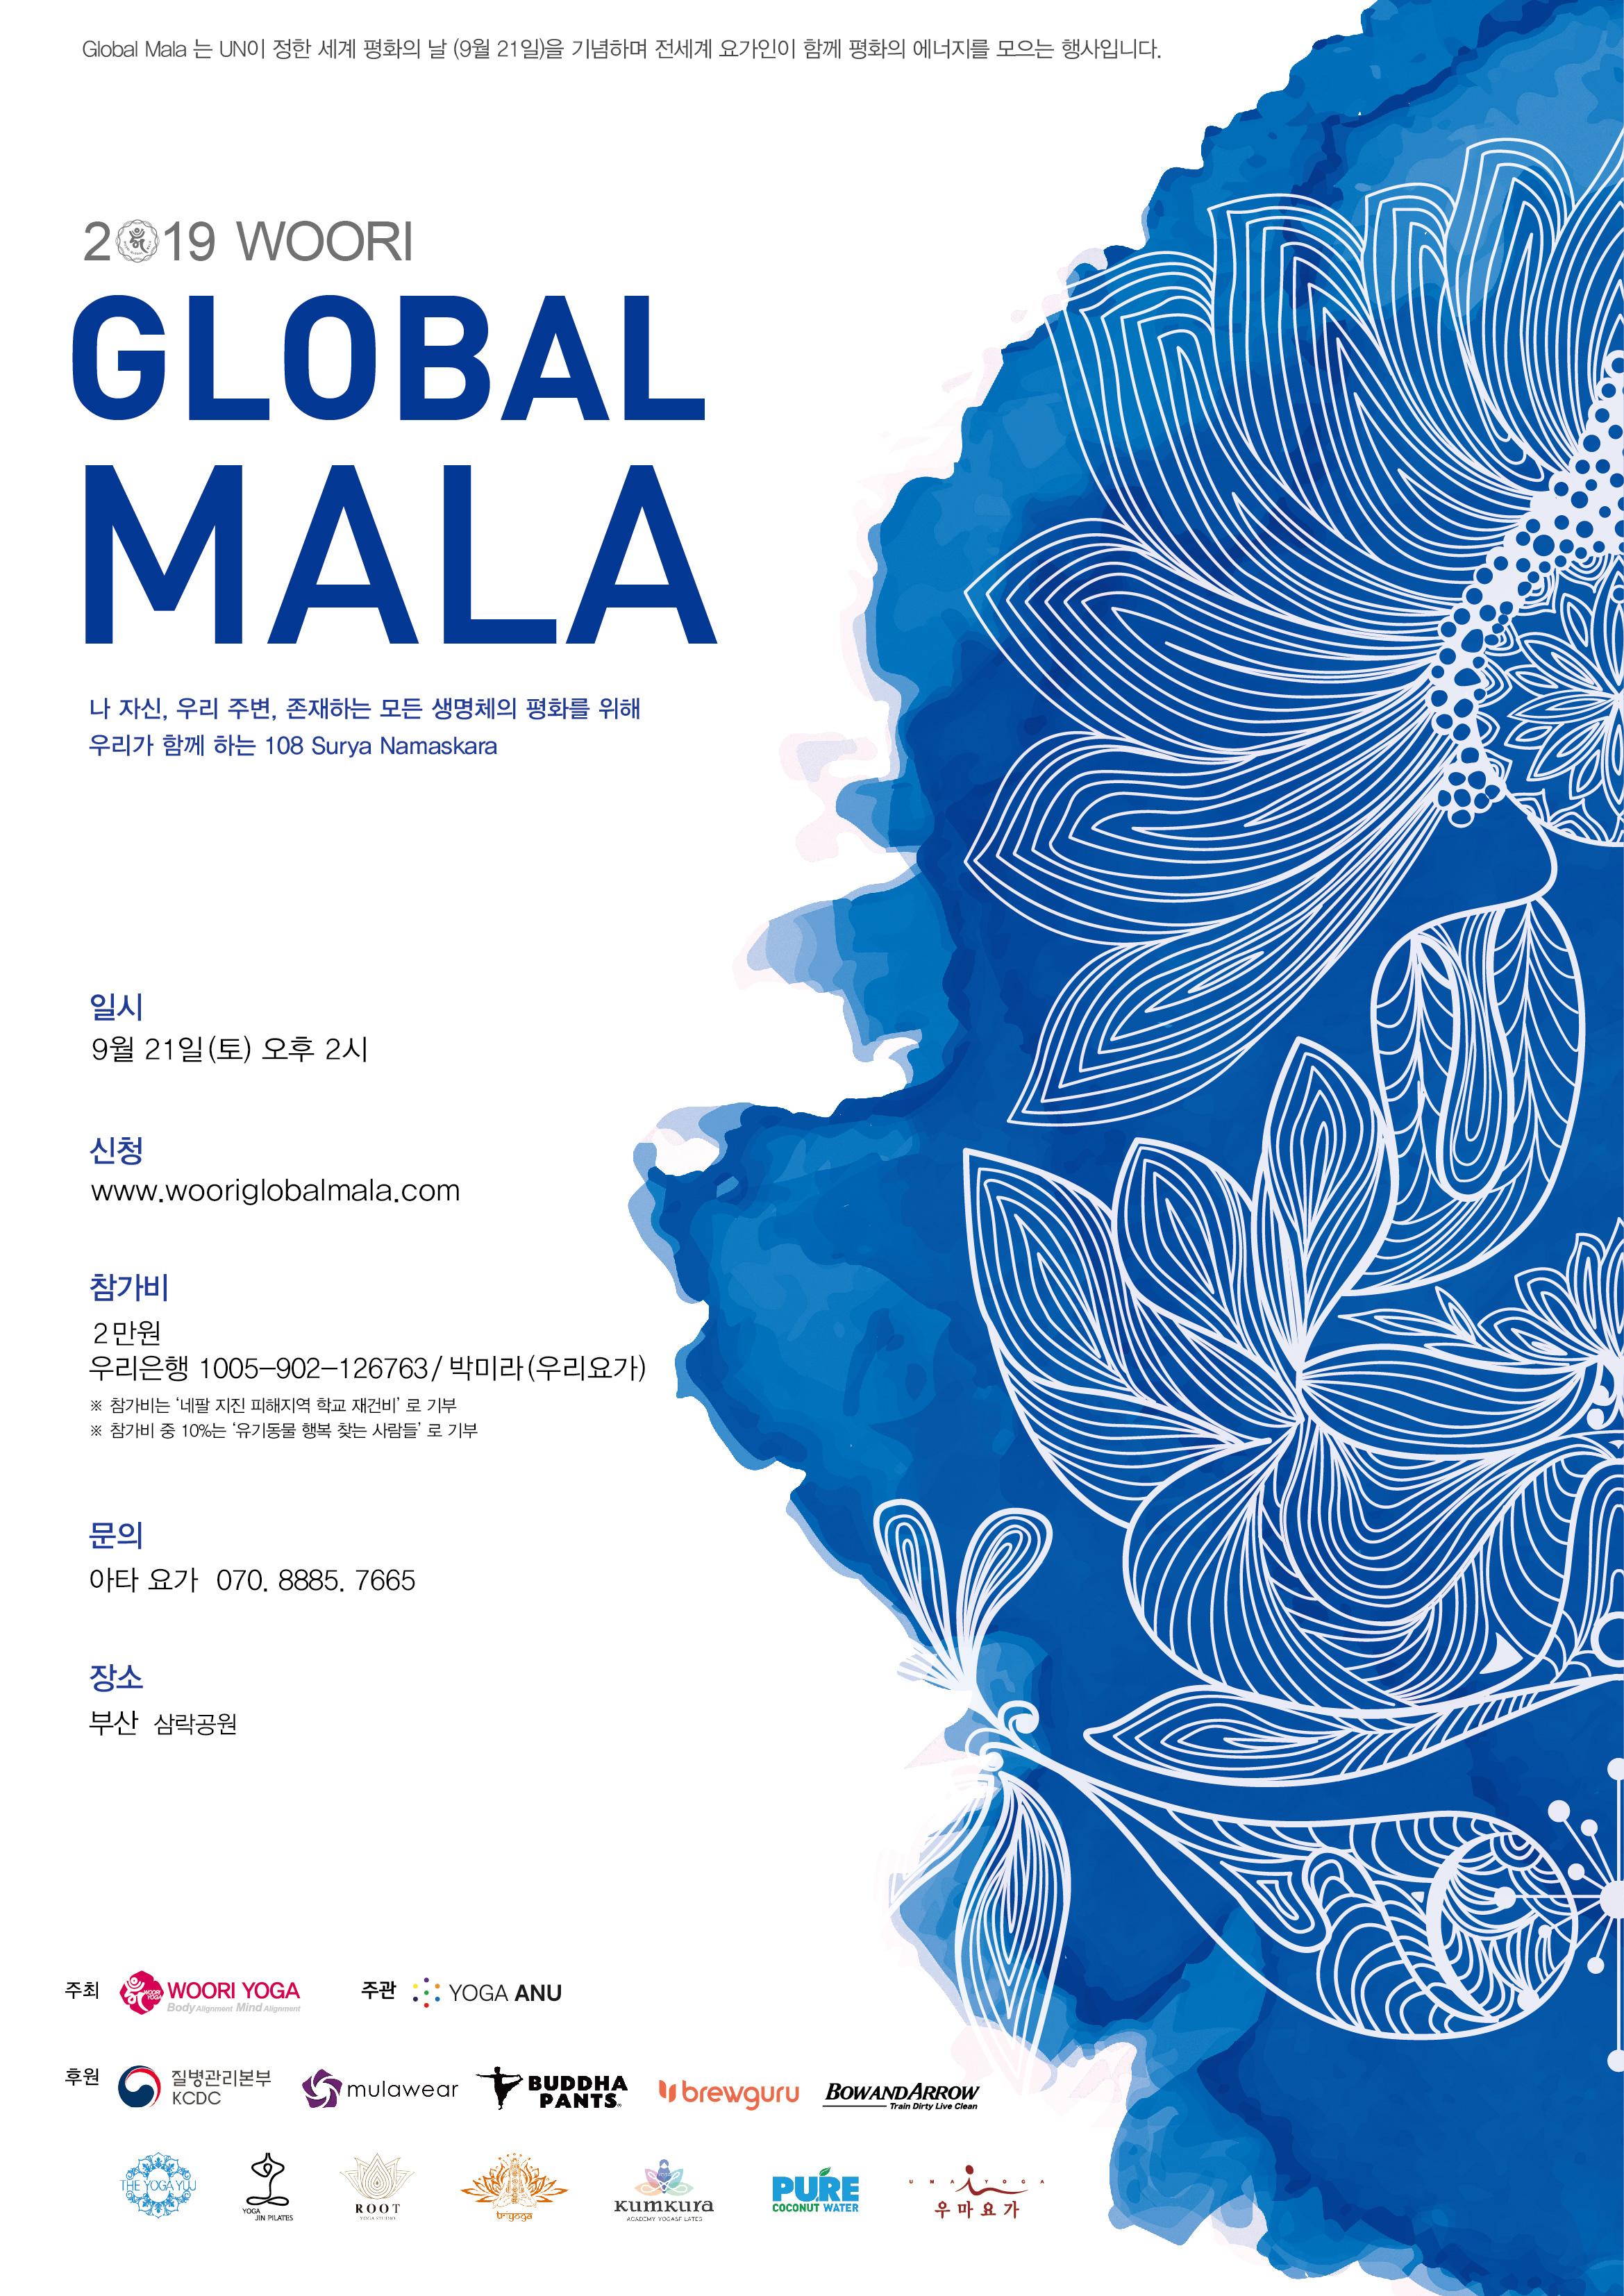 2019 우리 글로벌 말라 - 부산.jpg